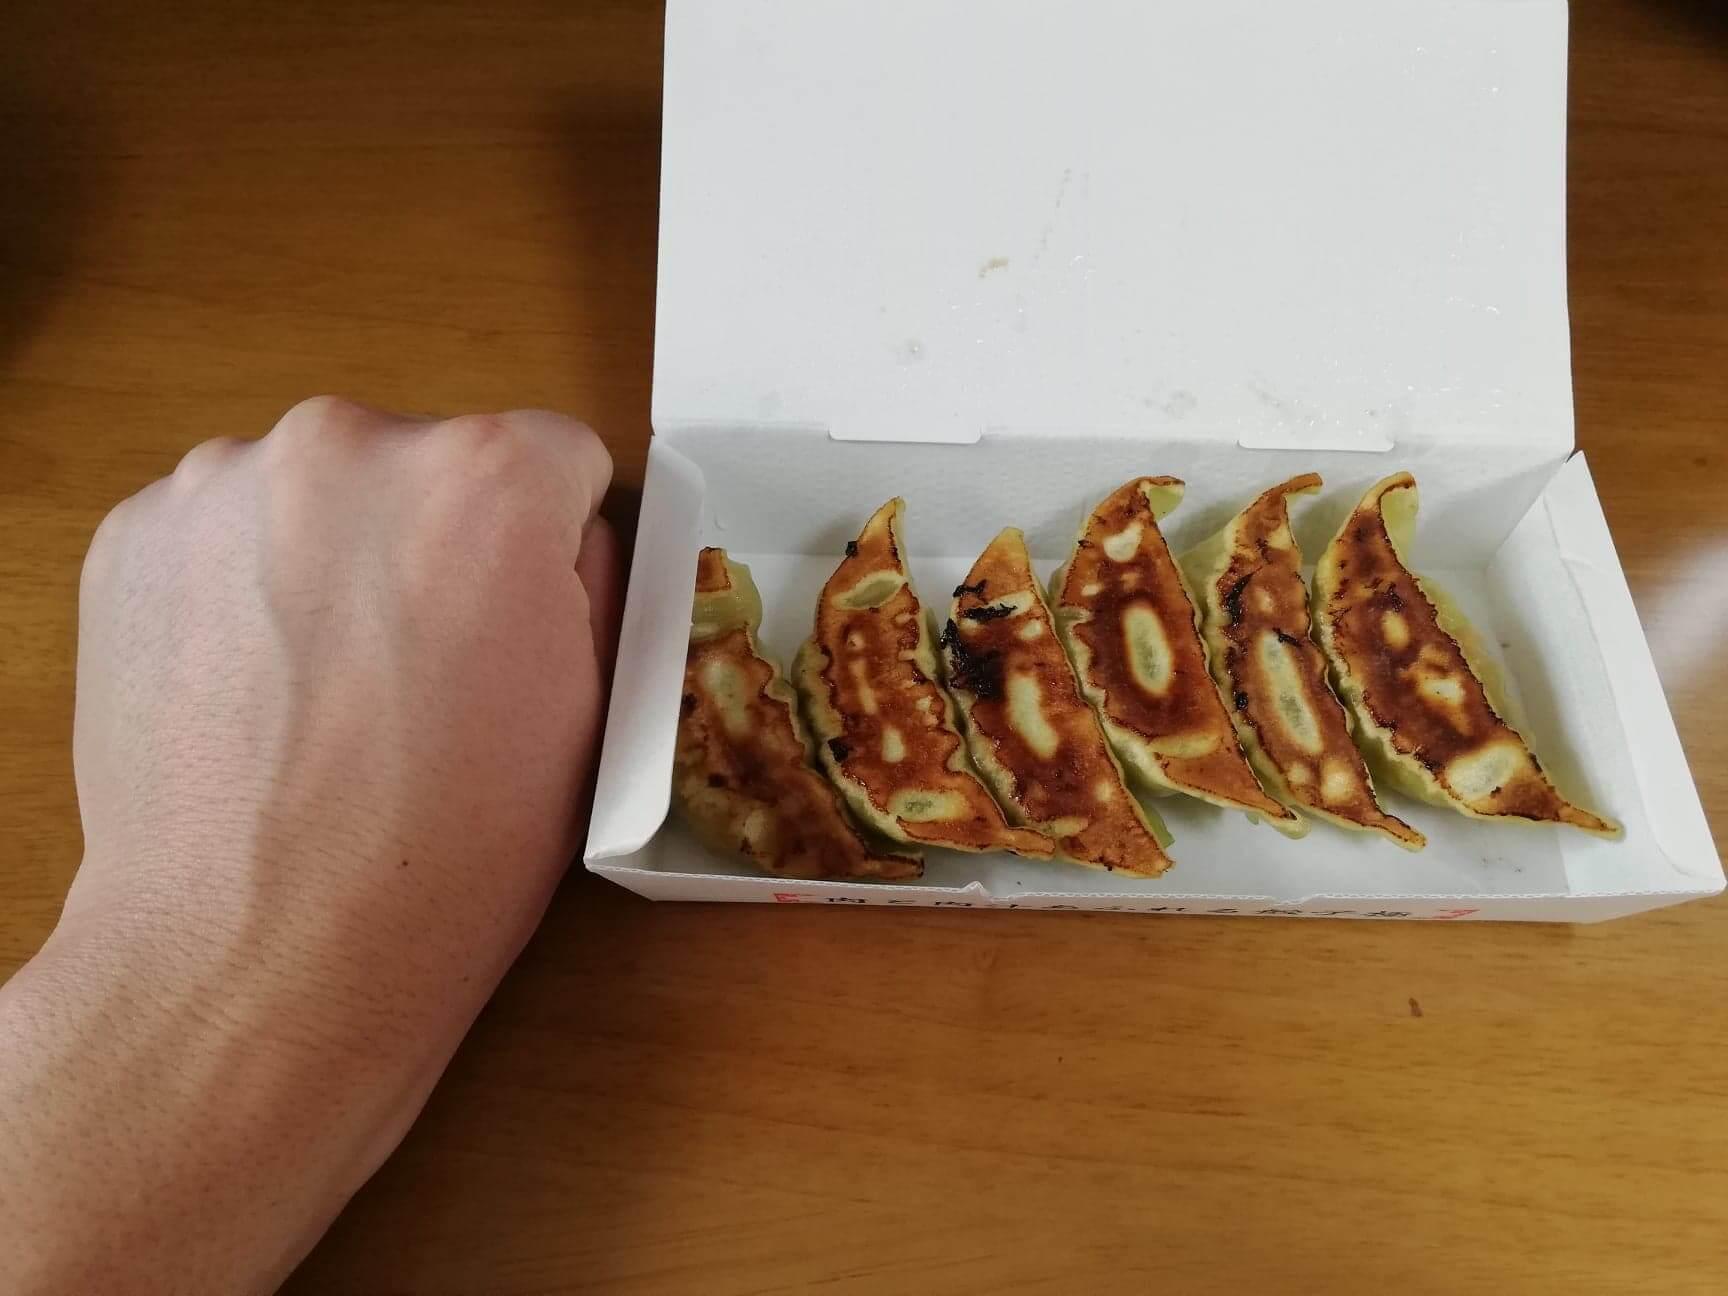 幸楽苑のテイクアウトメニュー『おみやげ焼きベジタブル餃子』と拳のサイズ比較写真